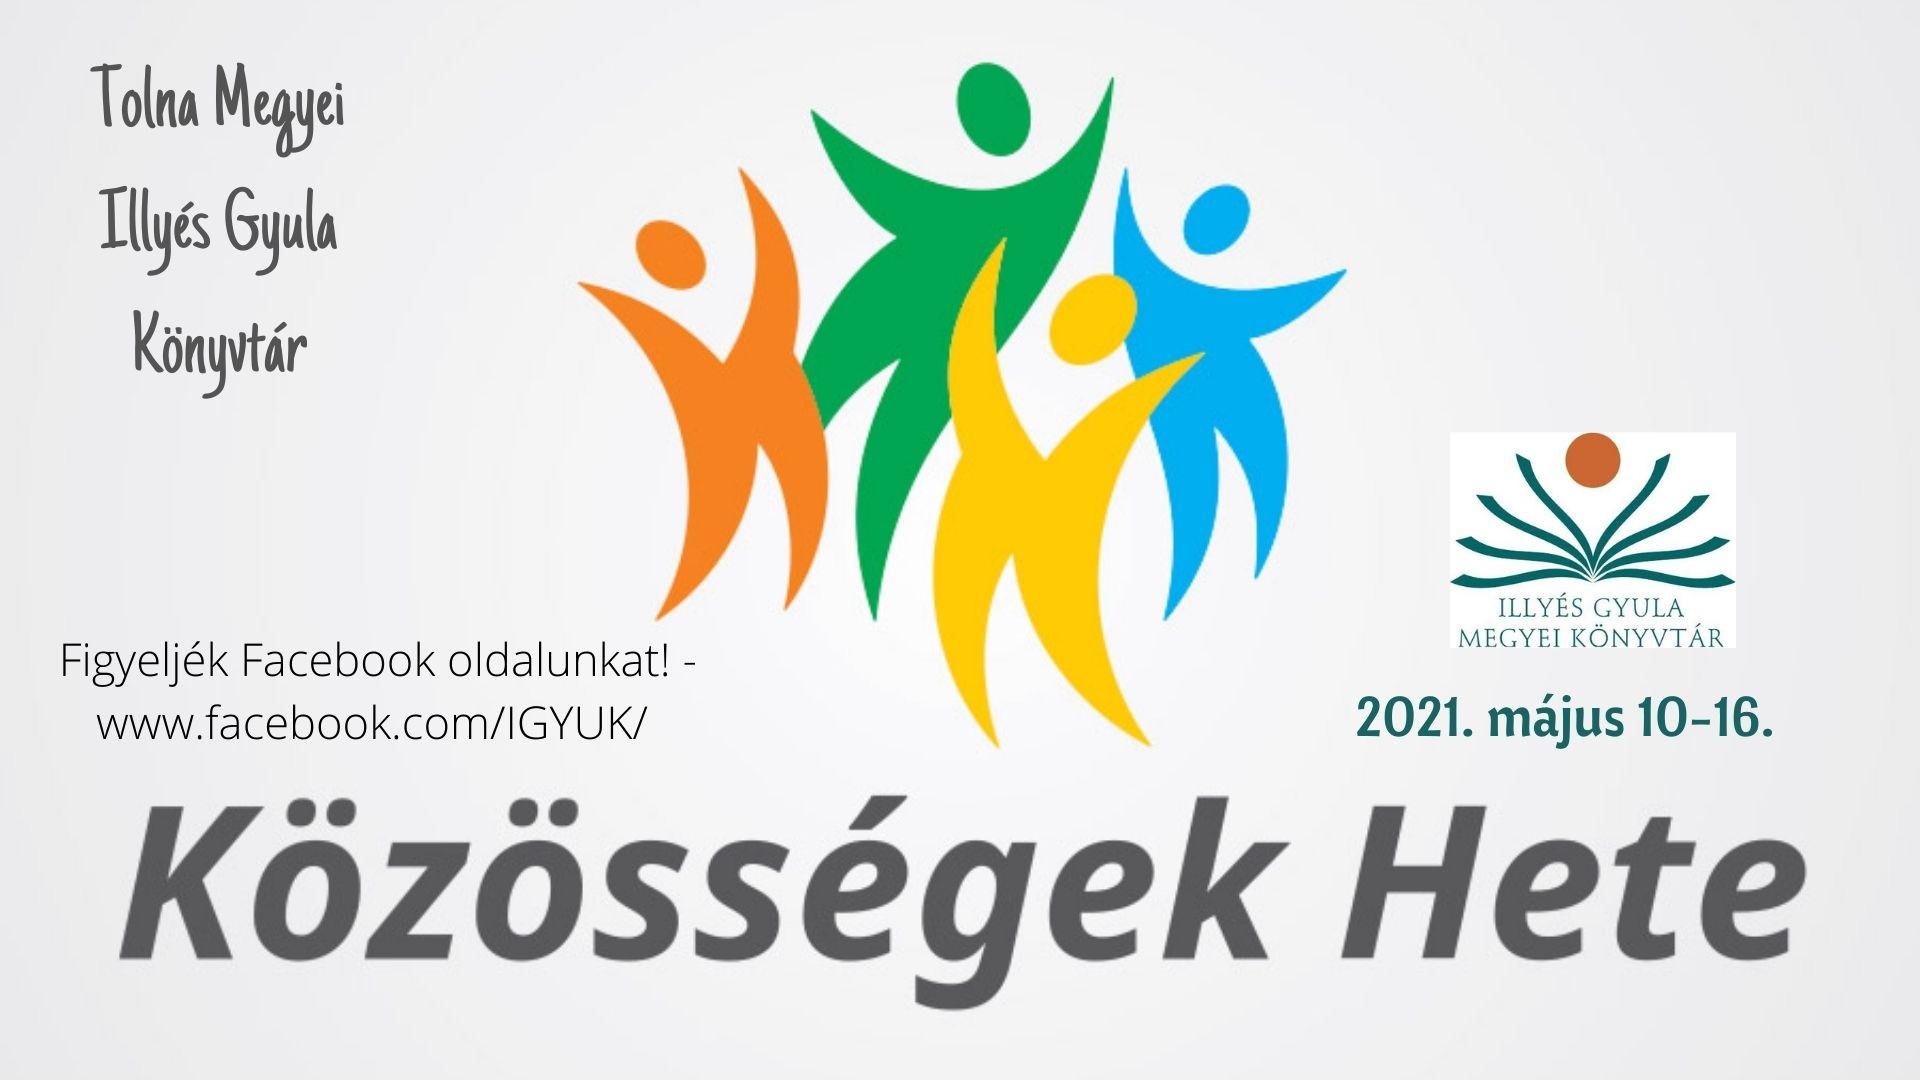 Közösségek hete 2021